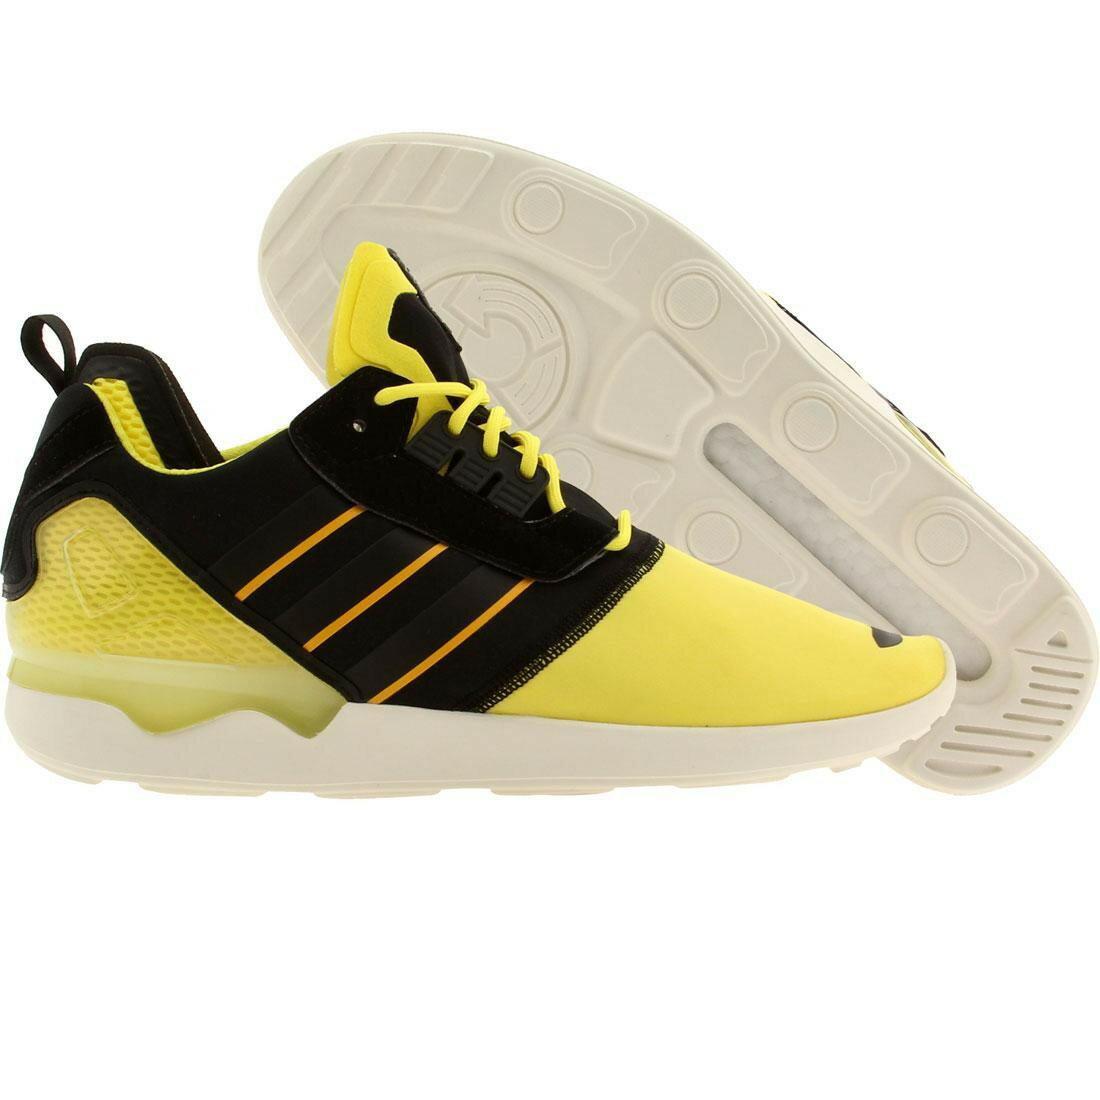 メンズ靴, スニーカー  ADIDAS MEN ZX 8000 BOOST YELLOW CBLACK